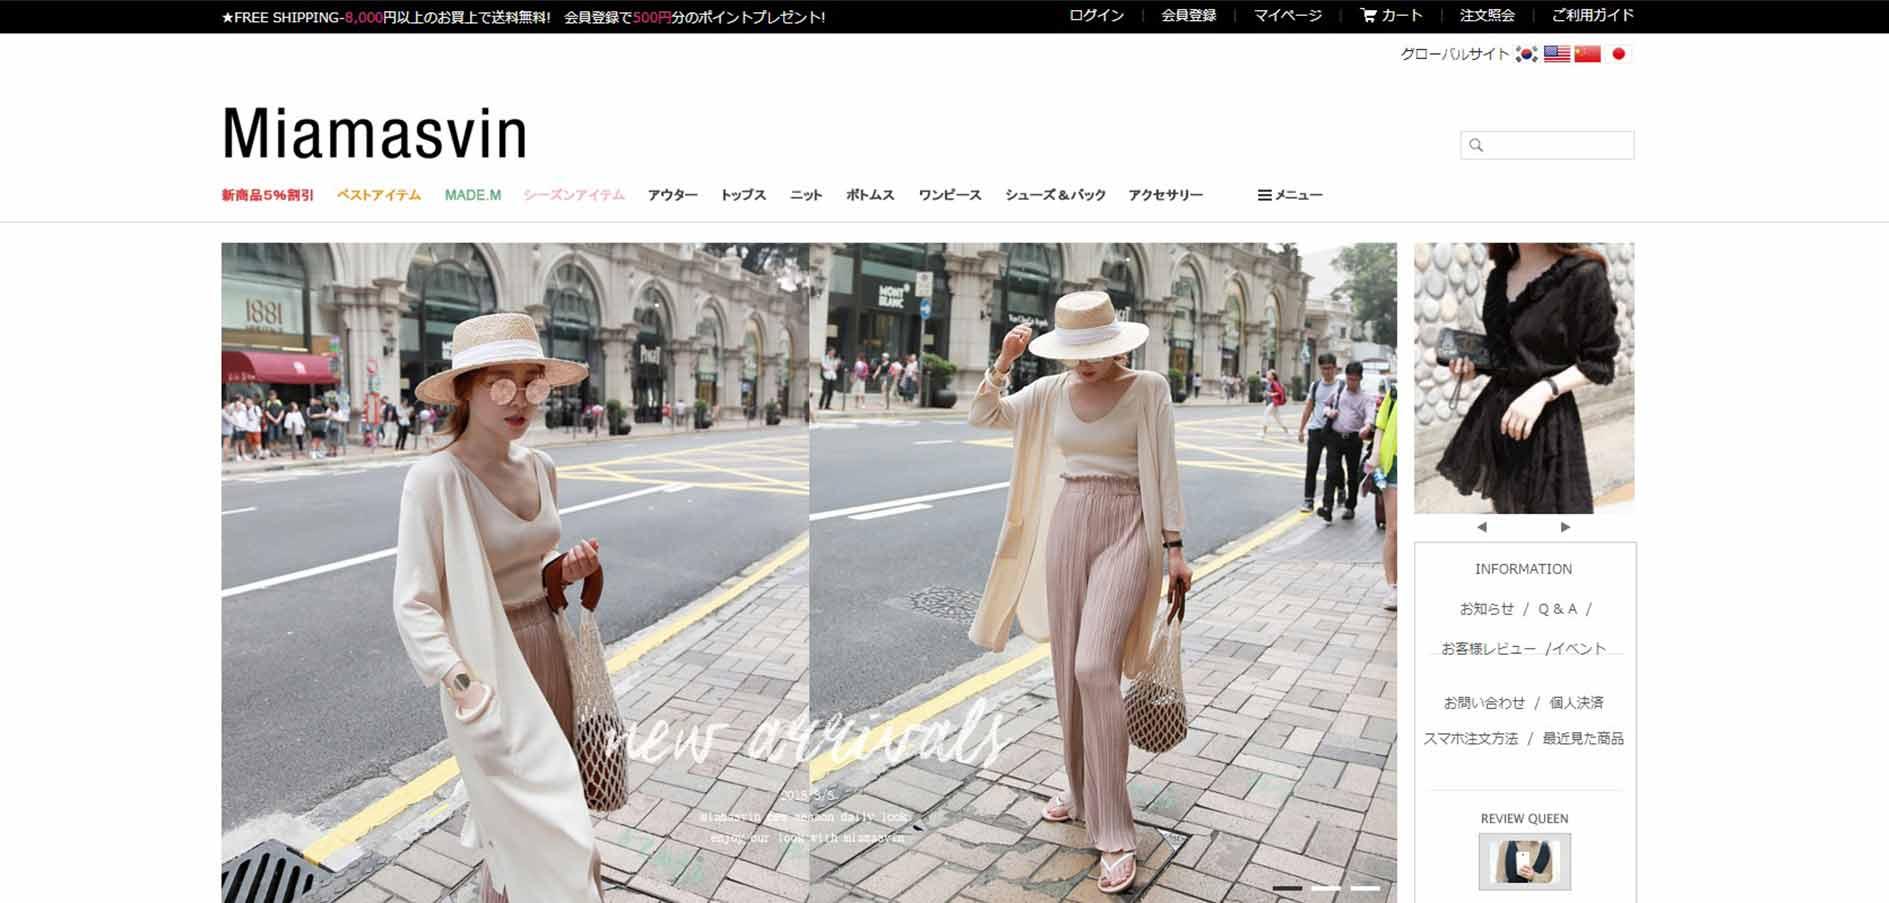 おすすめ韓国服通販サイトのMIAMASVIN(ミアマズビン)